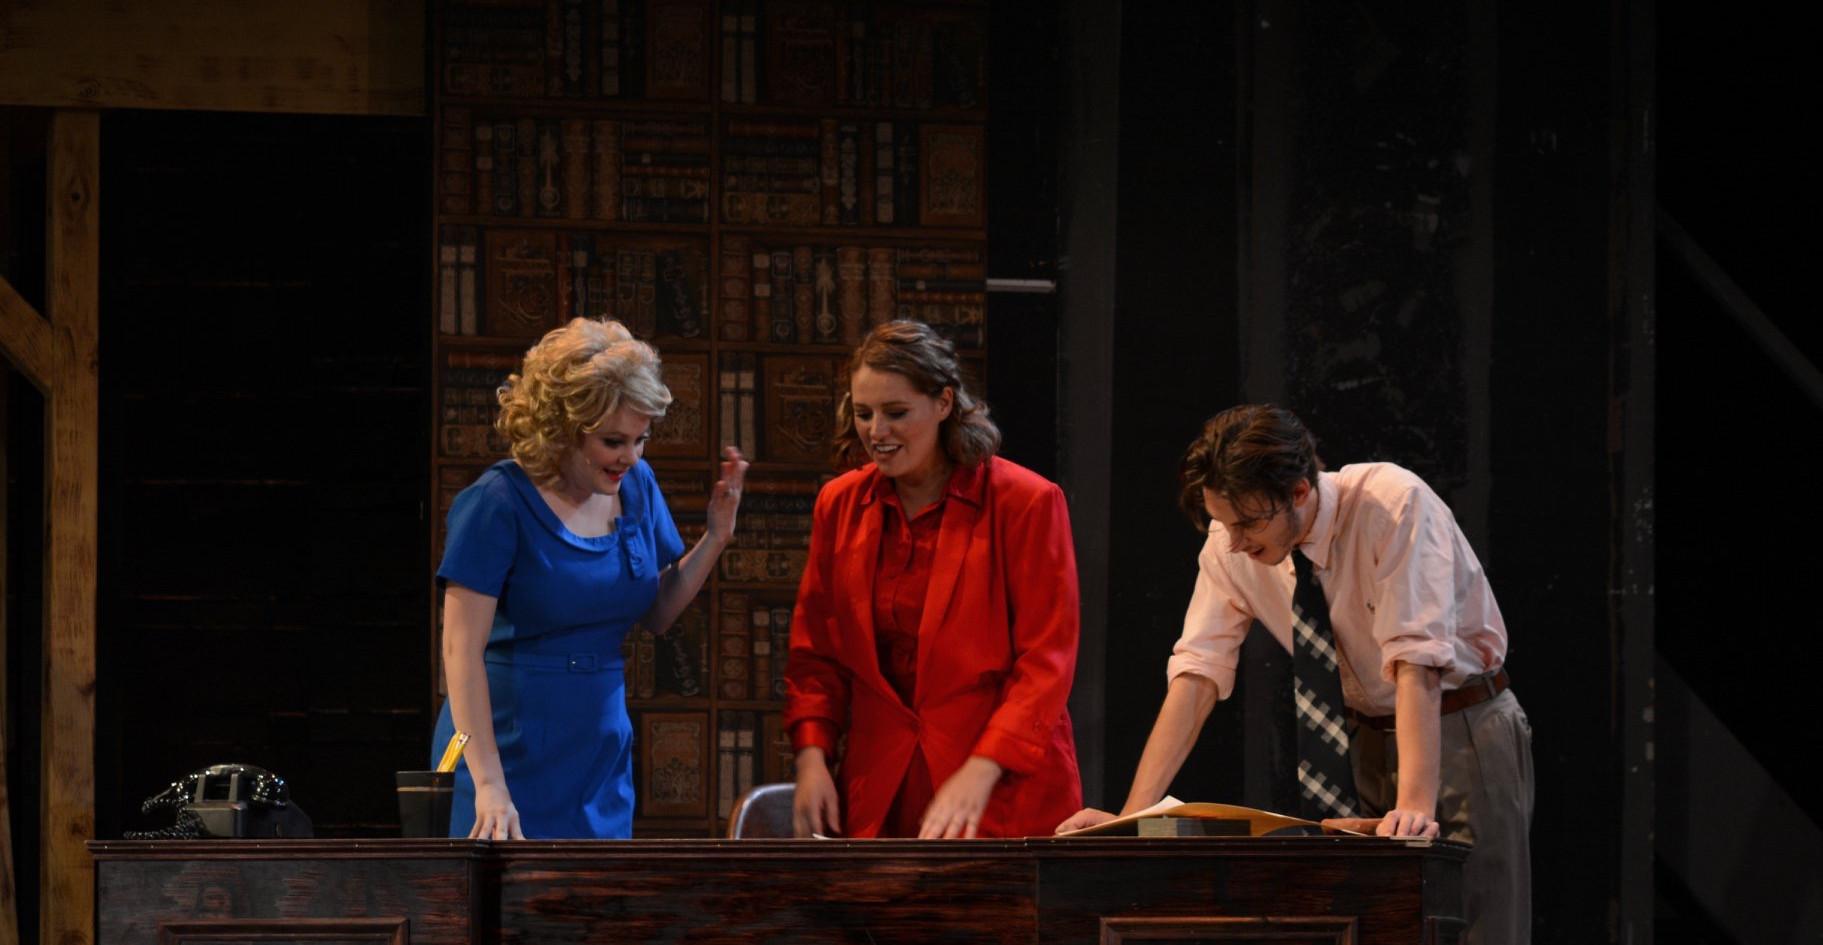 Act 2, Scene 6